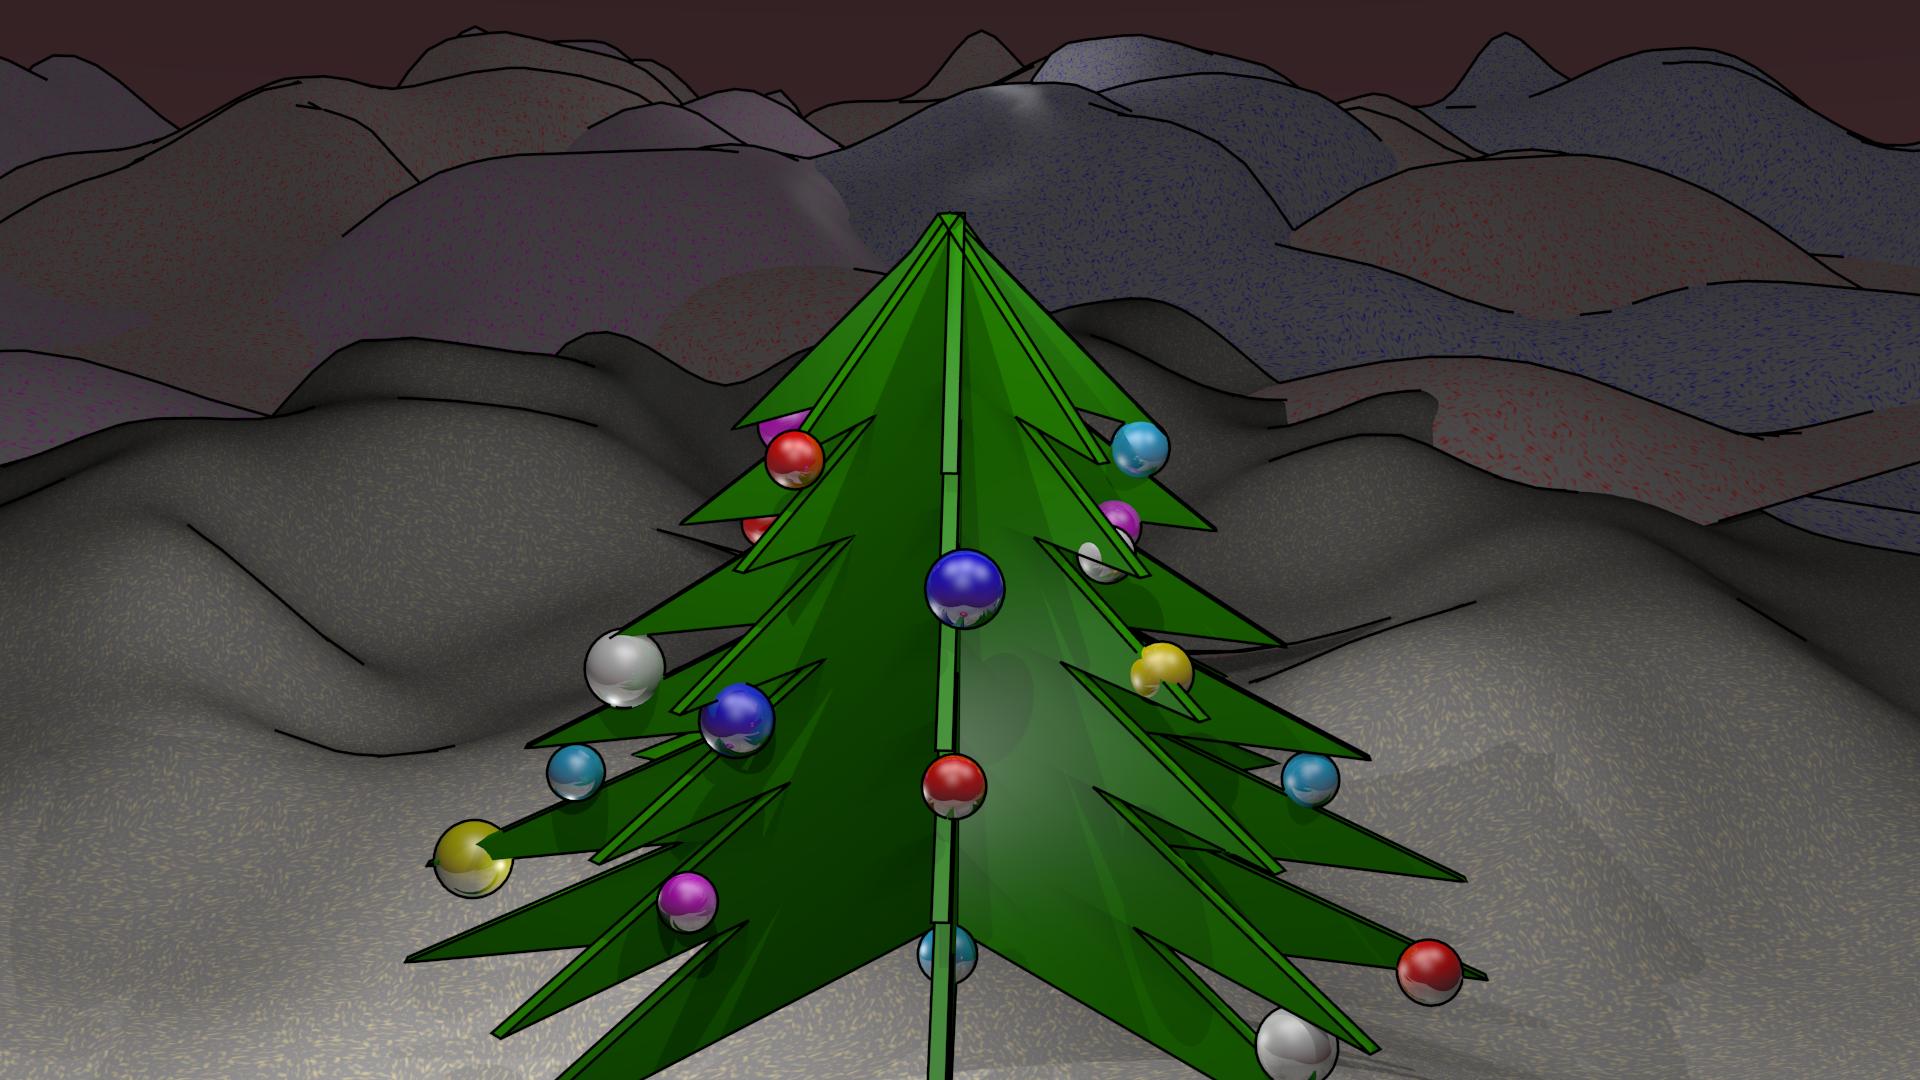 Fondos de escritorio: Navidad 2014 (I) : Árbol de navidad [ Imagen ...